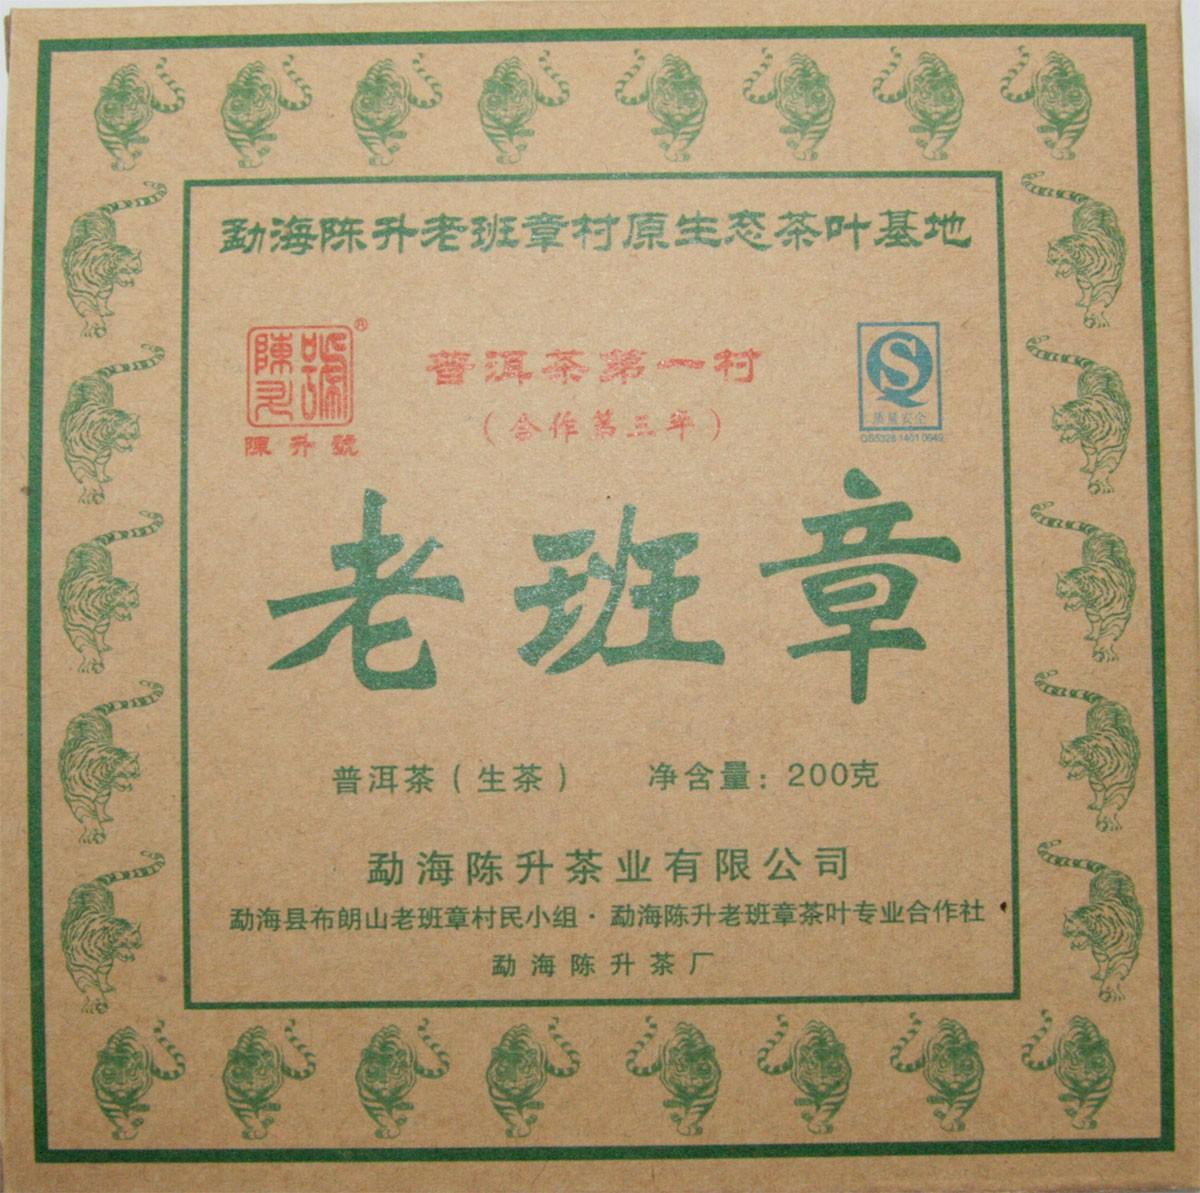 Lao Banzhang Zhuan